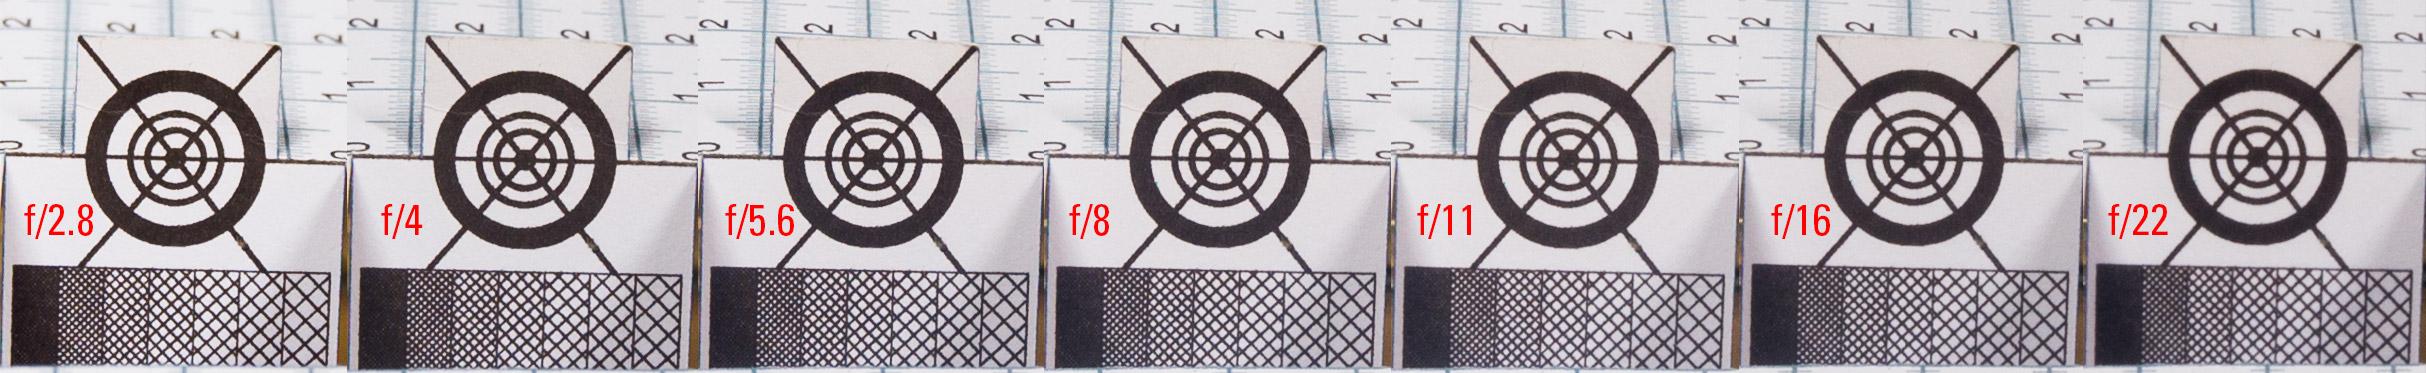 Schärfevergleich Walimex 14 mm Blende 2.8 bis Blende 22